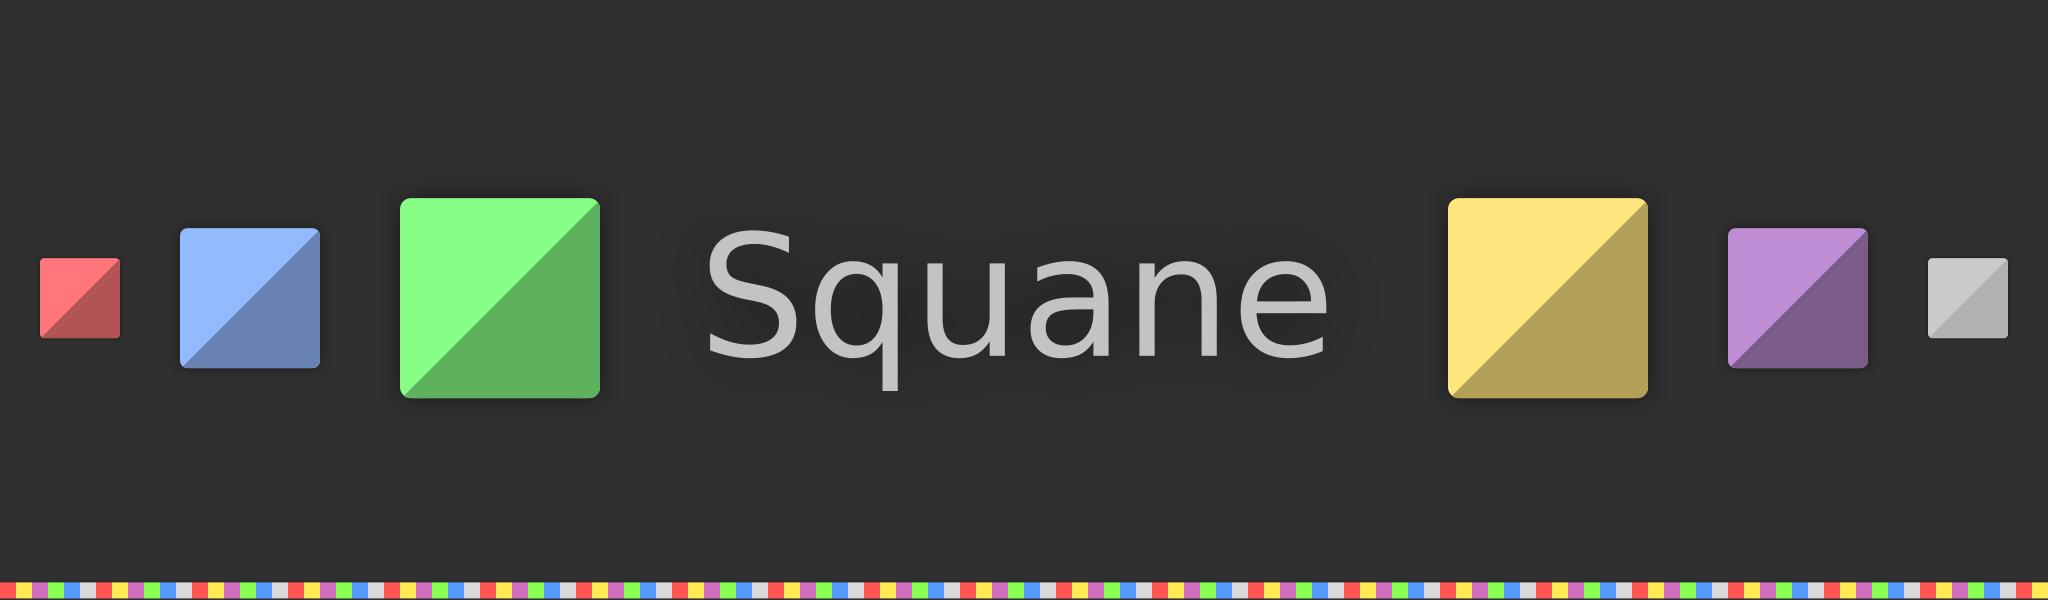 Squane